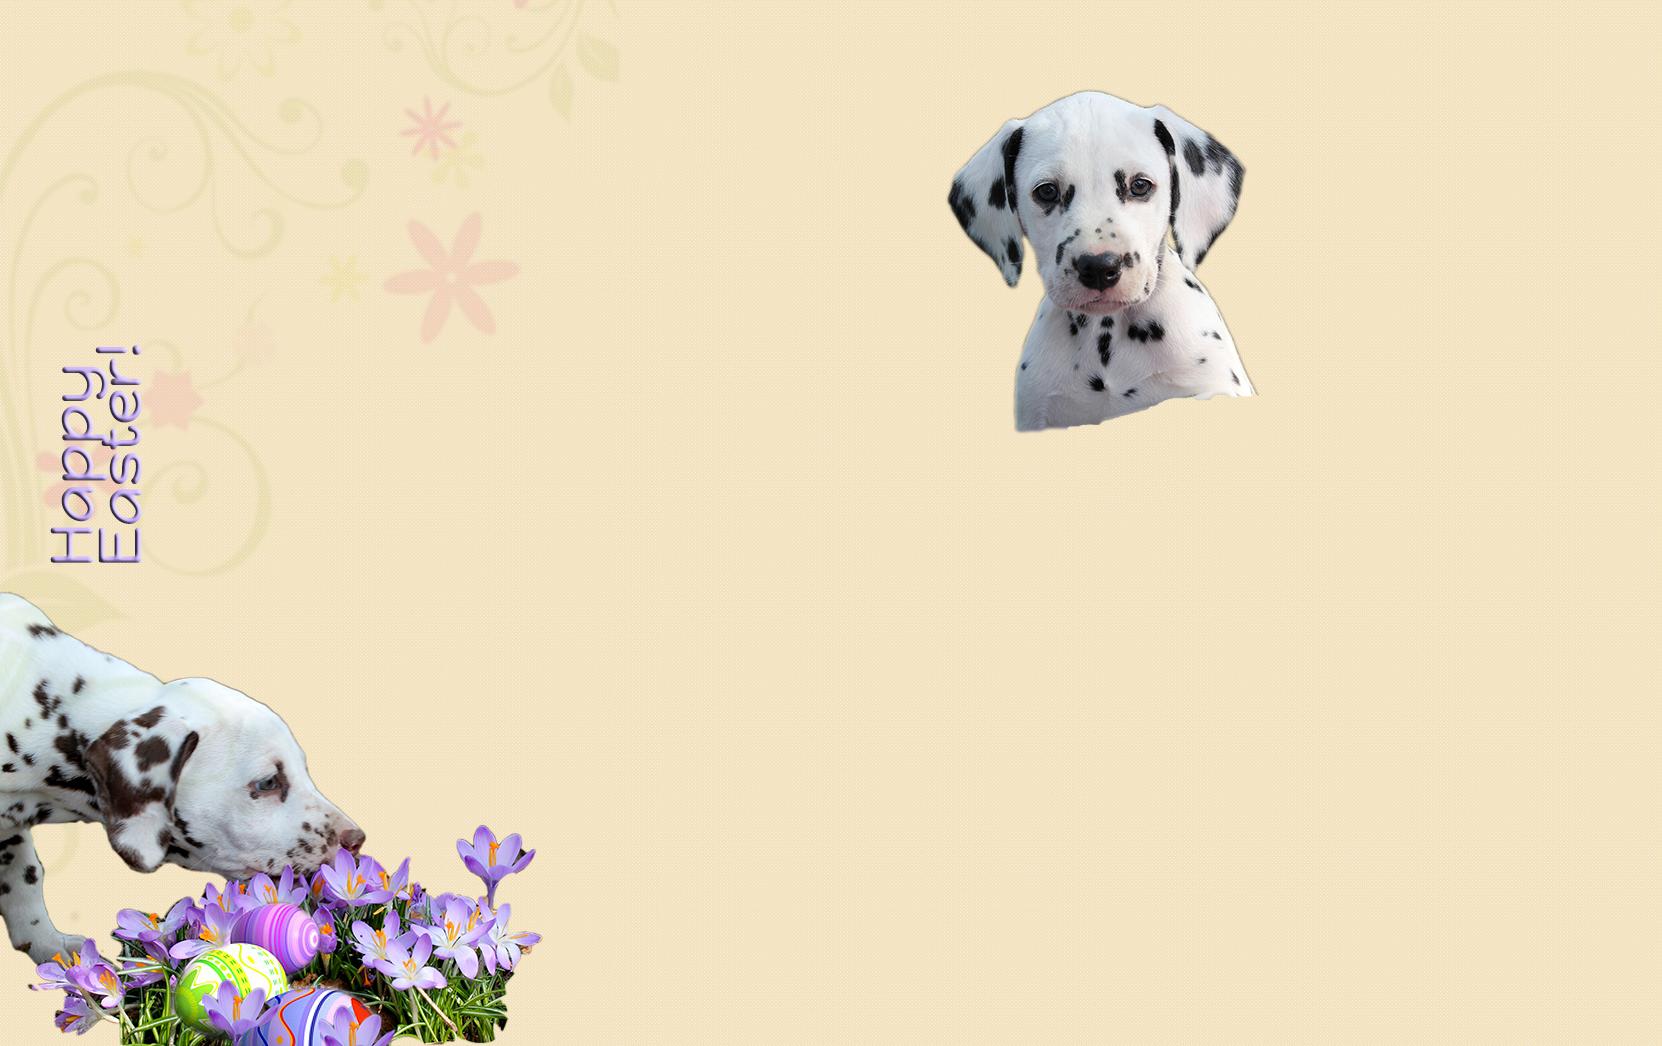 background_gold_easter_en.jpg - 1.71 MB